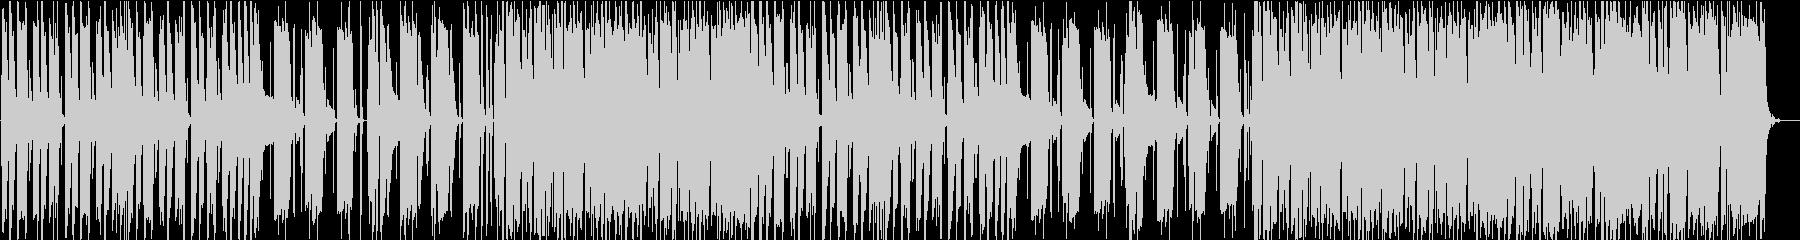 コミカルで怪しげなBGMの未再生の波形